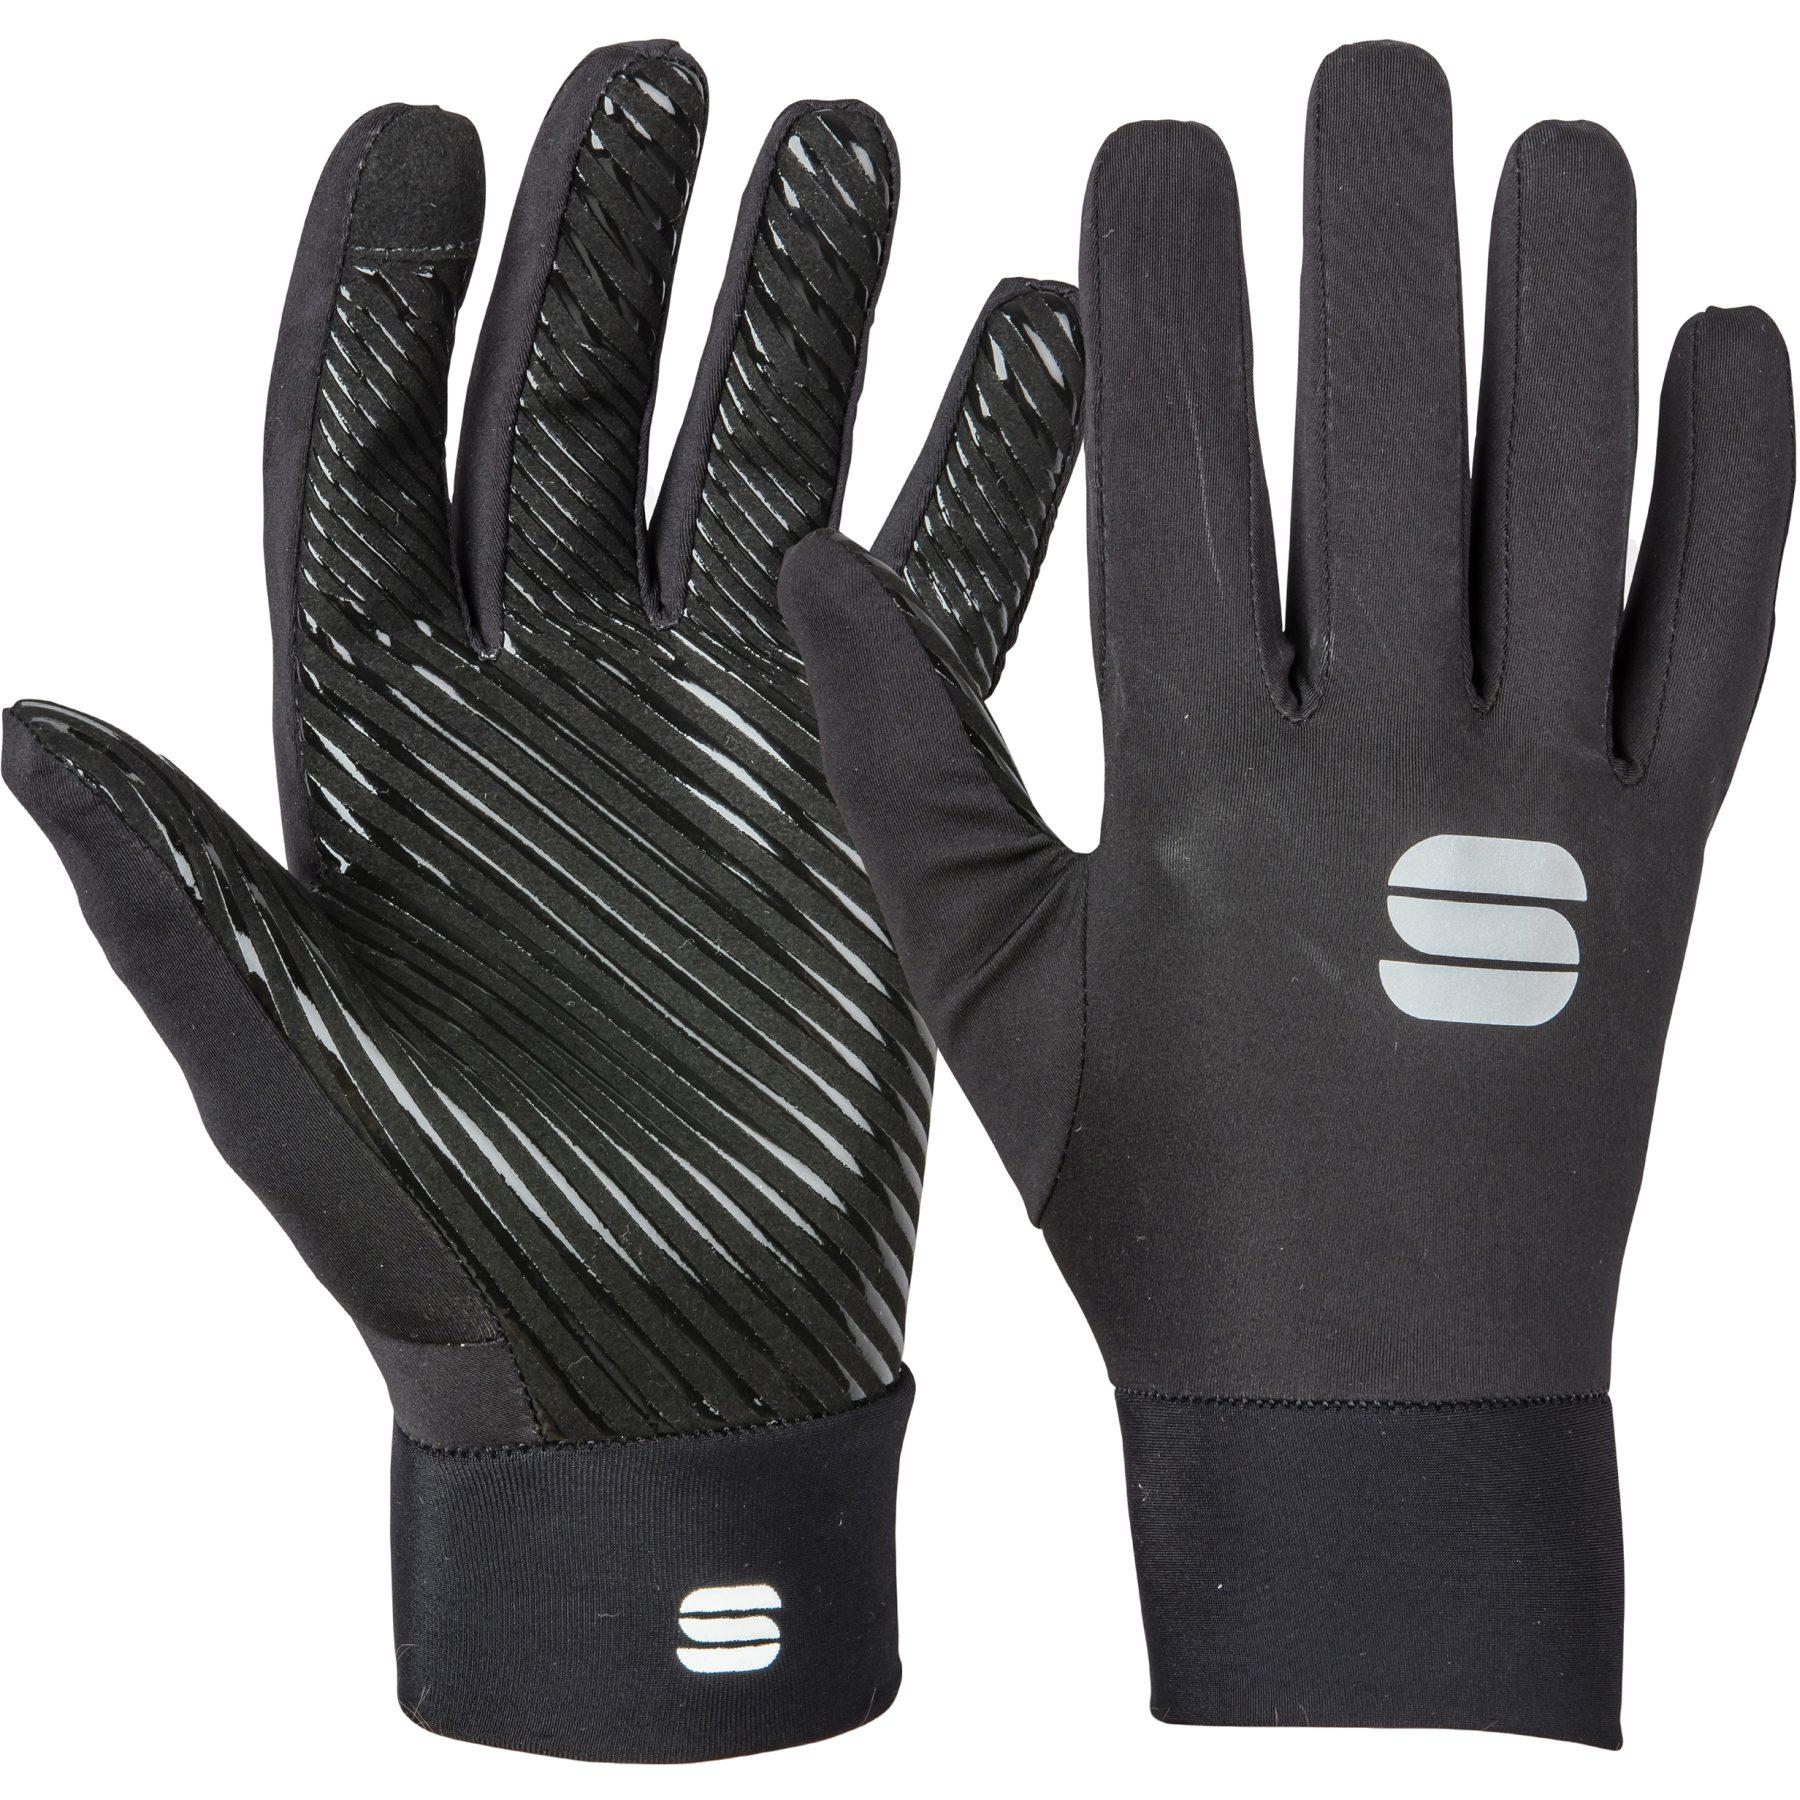 Sportful Fiandre Light Cycling Gloves - 002 black